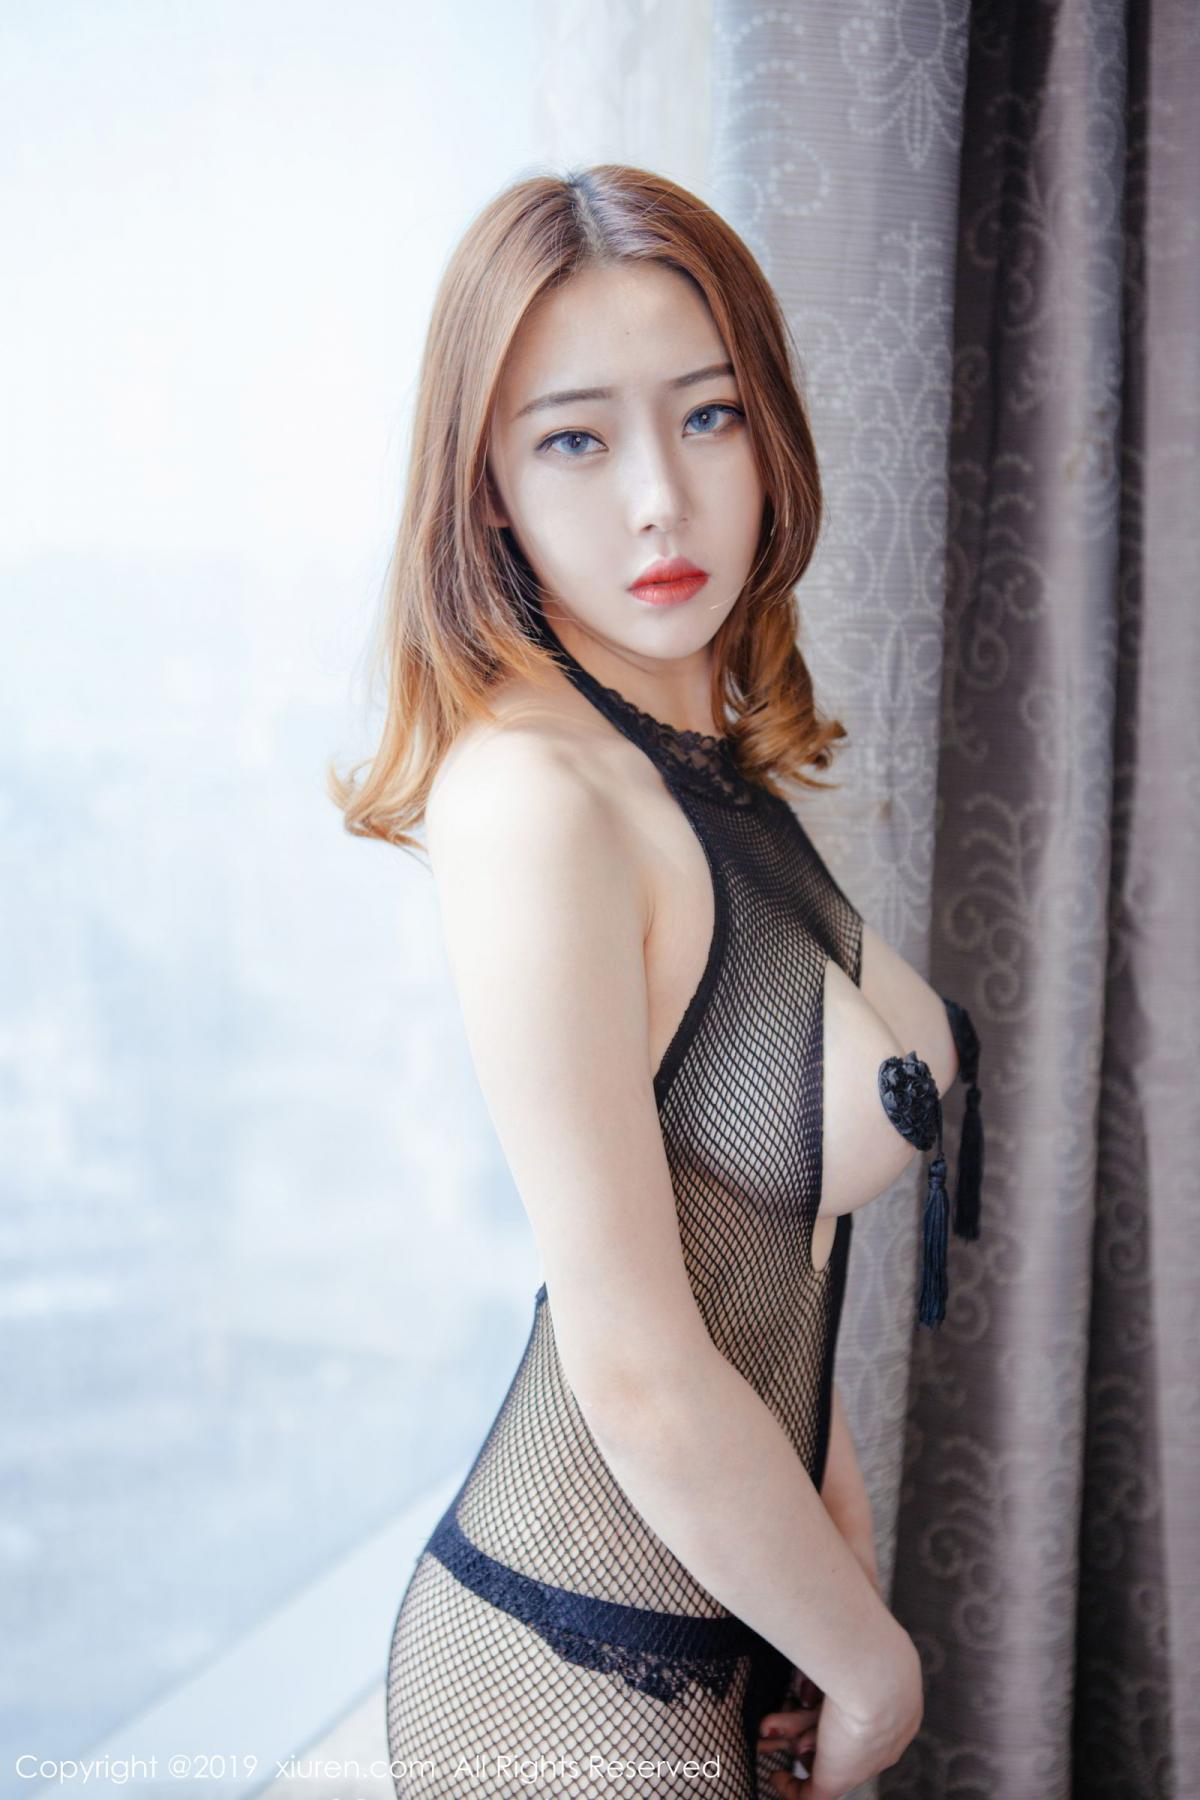 [XiuRen] Vol.1481 Yao A Yao De Yao 3P, Adult, Xiuren, Yao A Yao De Yao